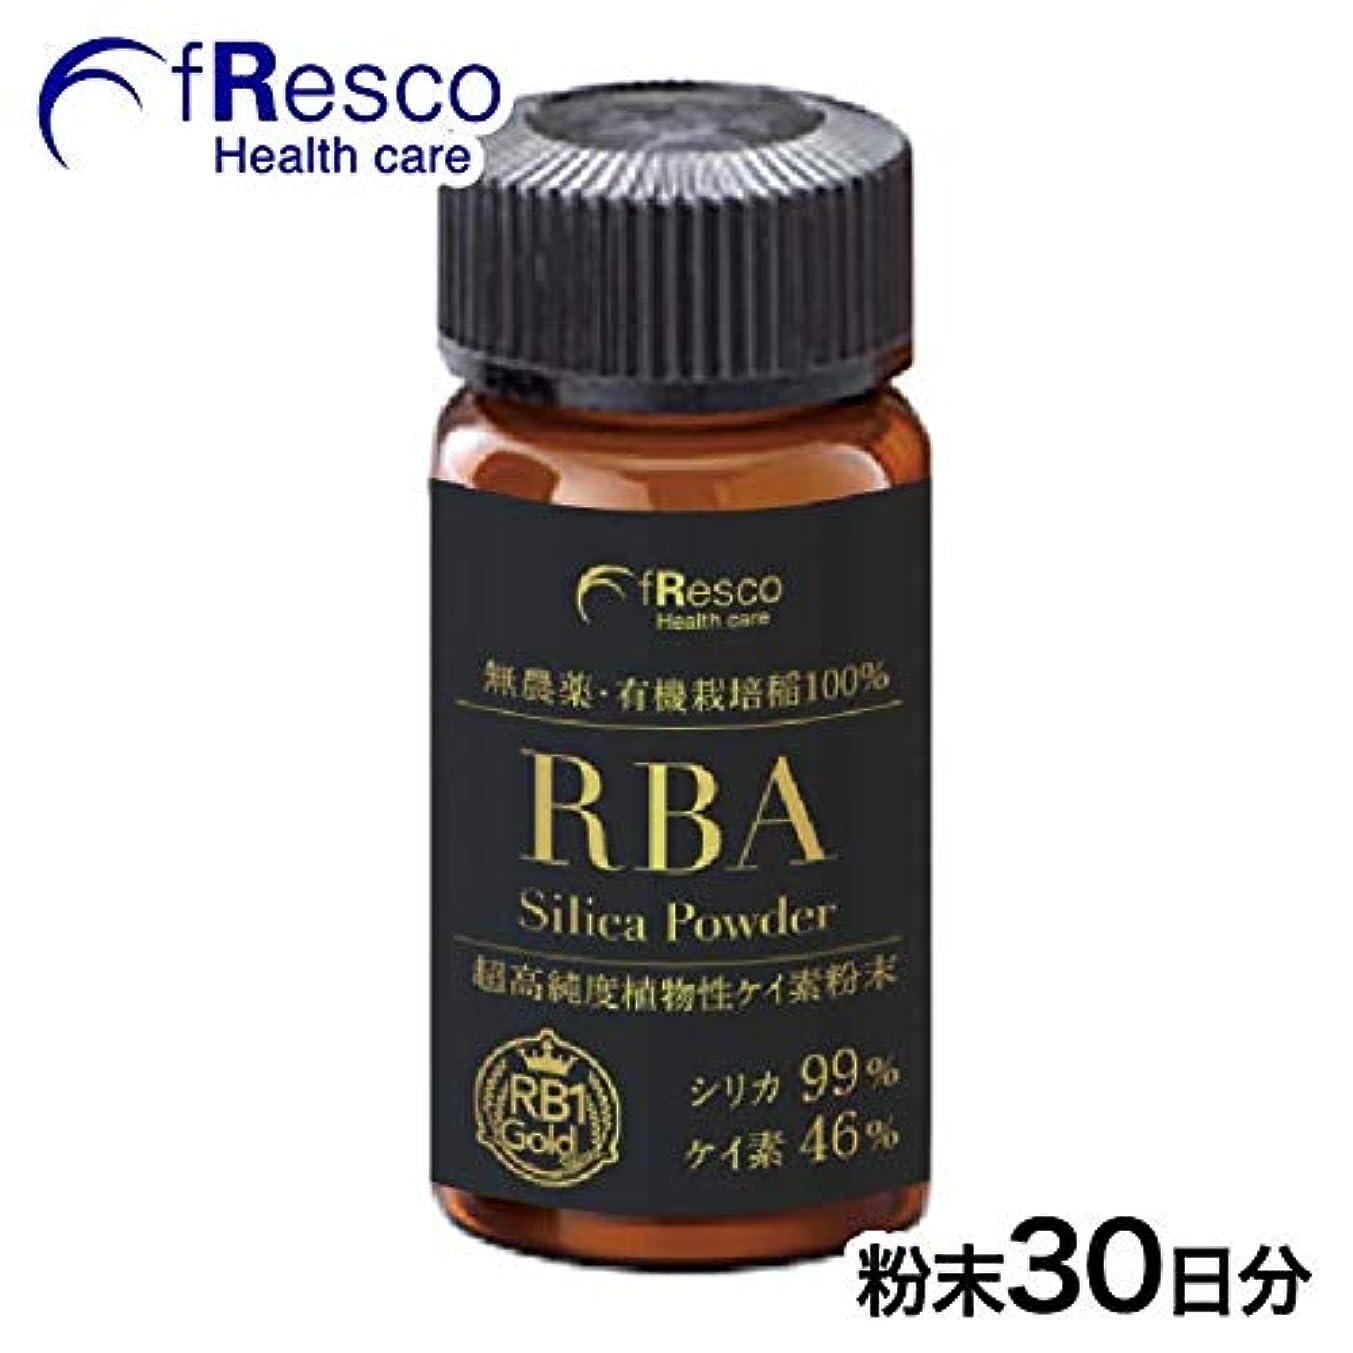 """歩く振るう可愛いRBAシリカパウダー 30日分~特級稲科珪素""""RB1-Goldシリカ""""100%使用~"""